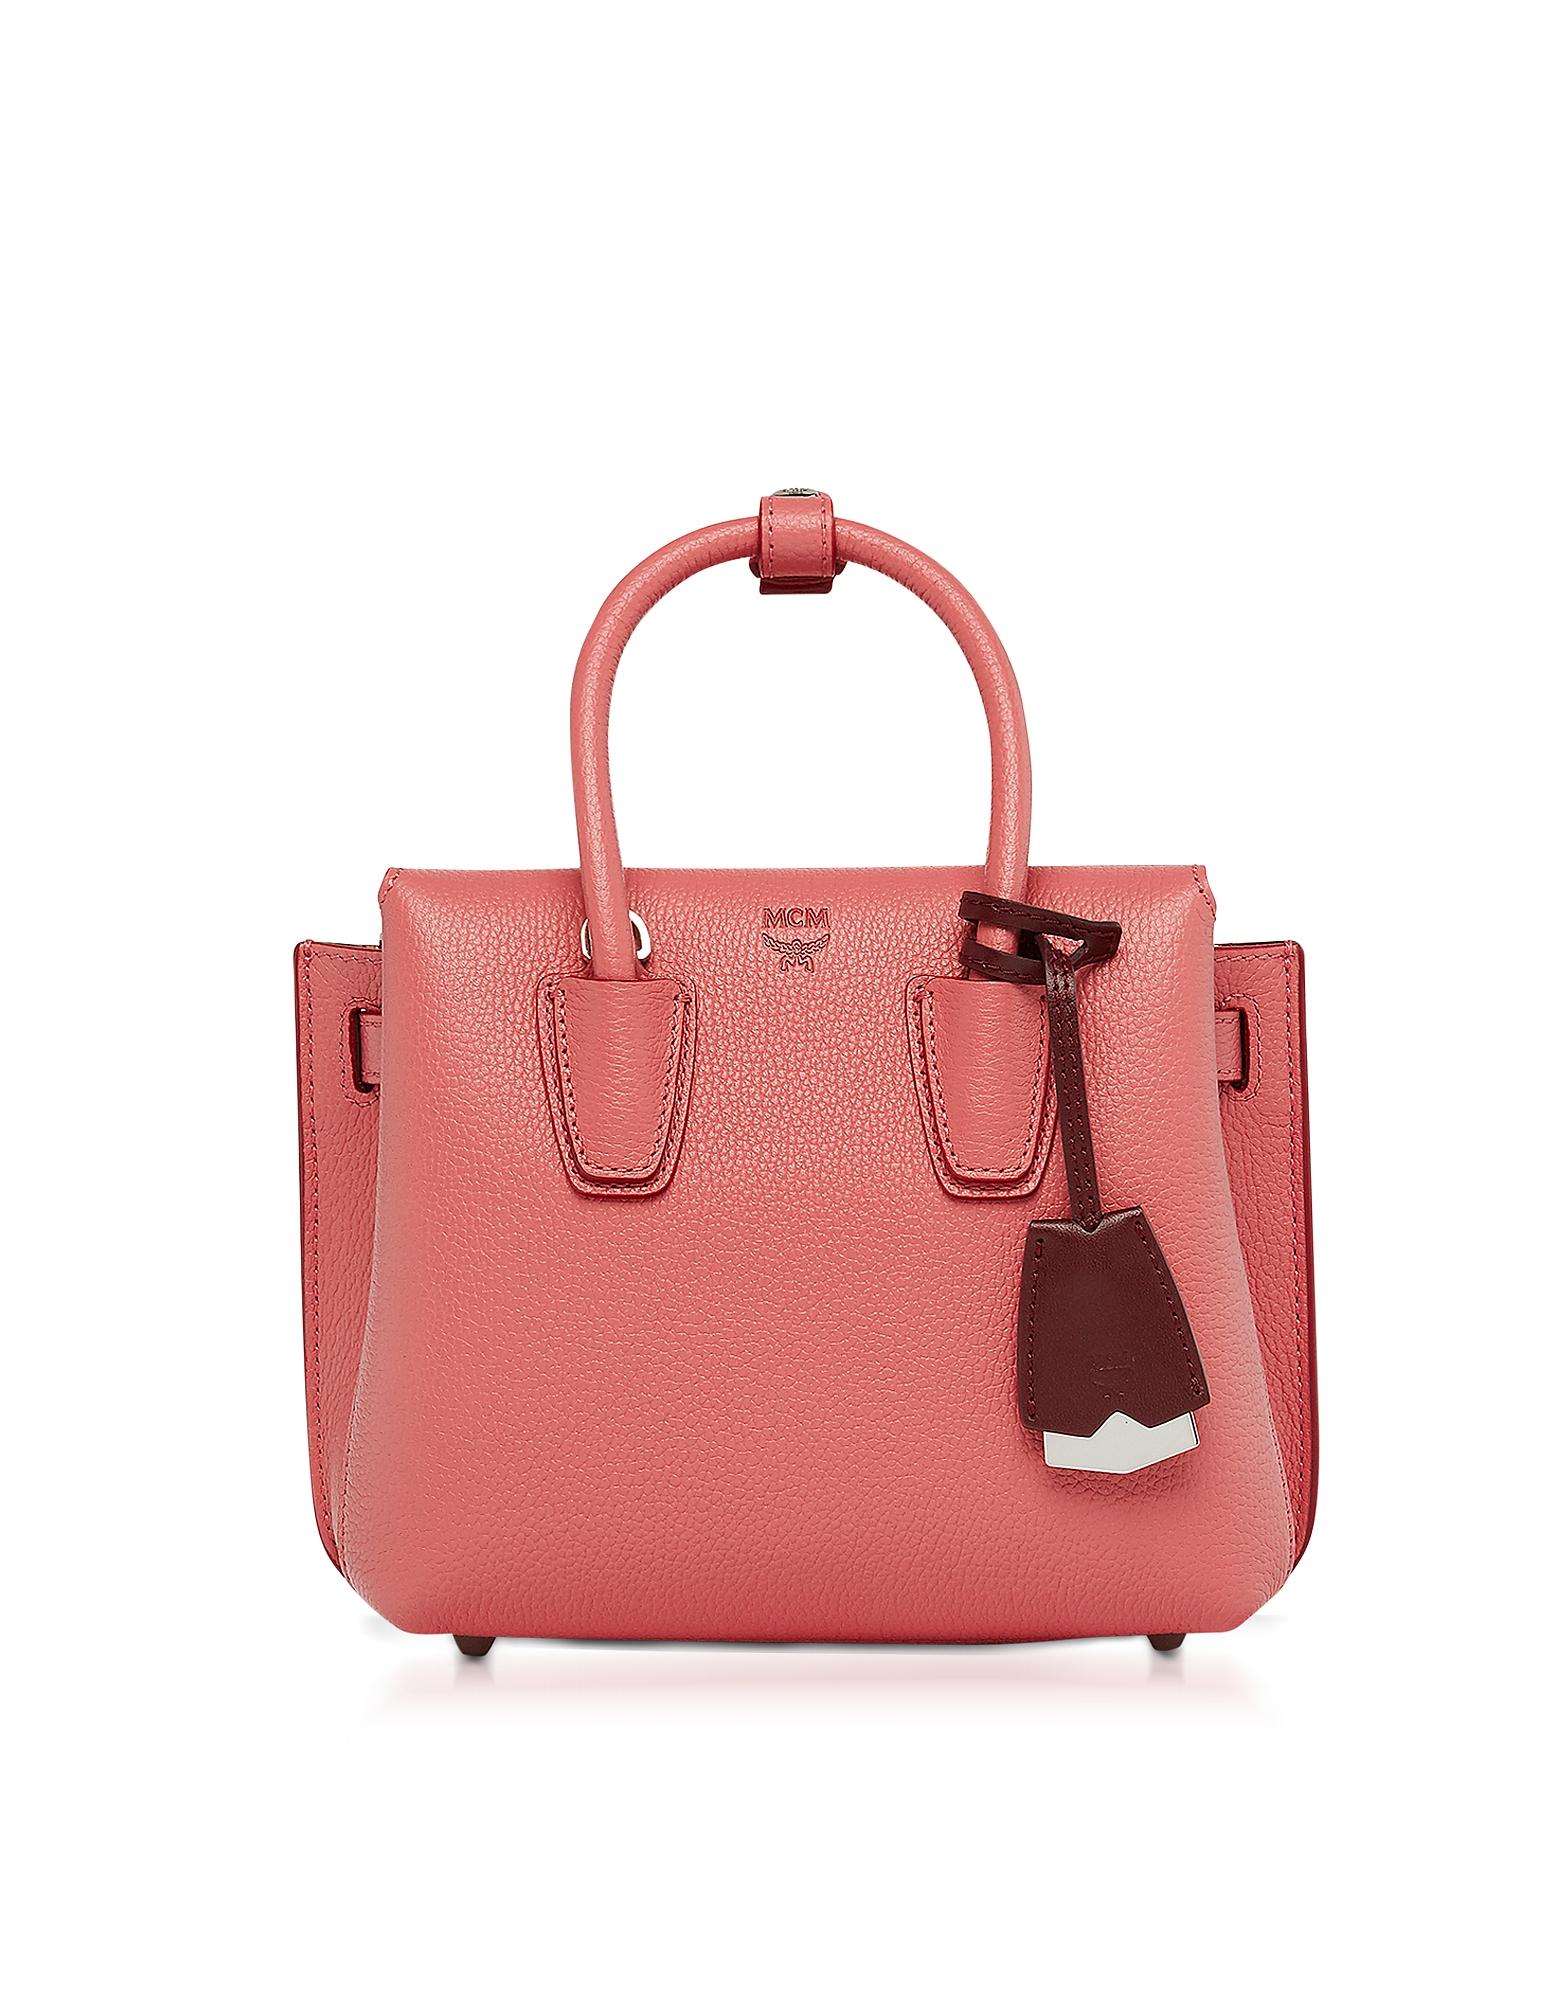 Фото Milla Park Avenue - Маленькая Кораллово-Розовая Кожаная Сумка Tote. Купить с доставкой